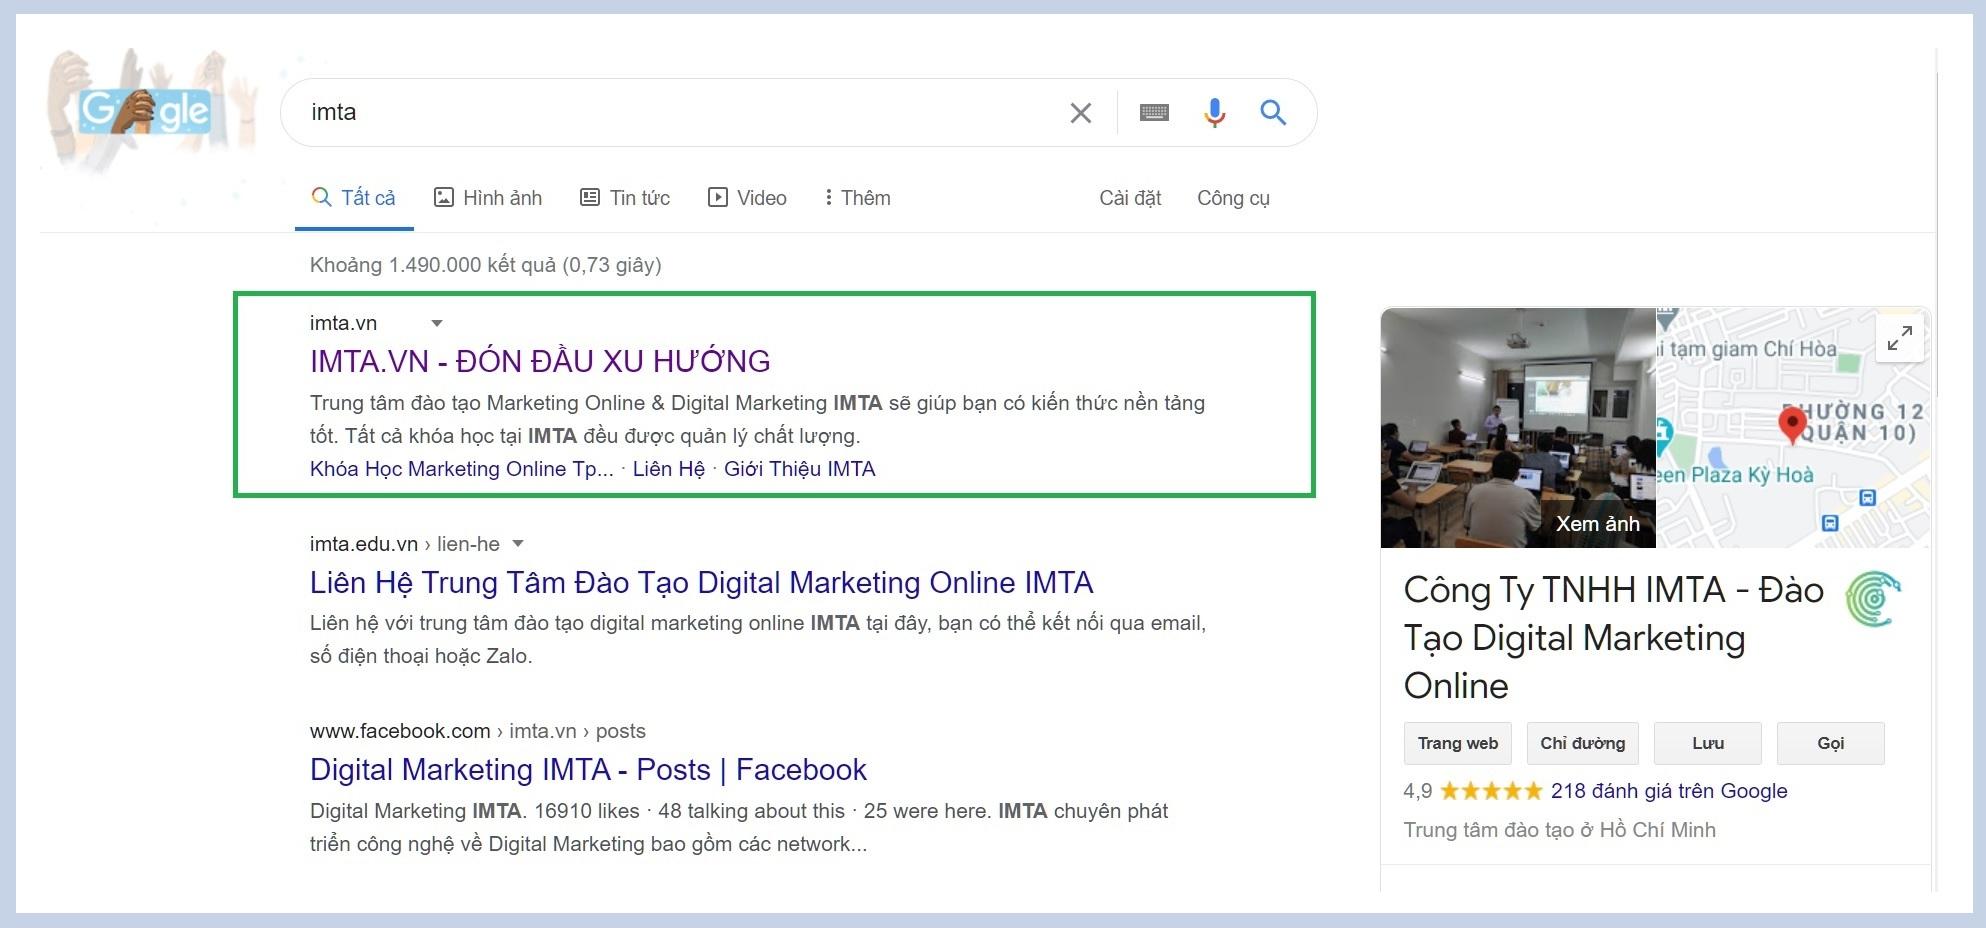 Ví dụ minh họa về tiêu đề tùy chỉnh hiển thị trên Google